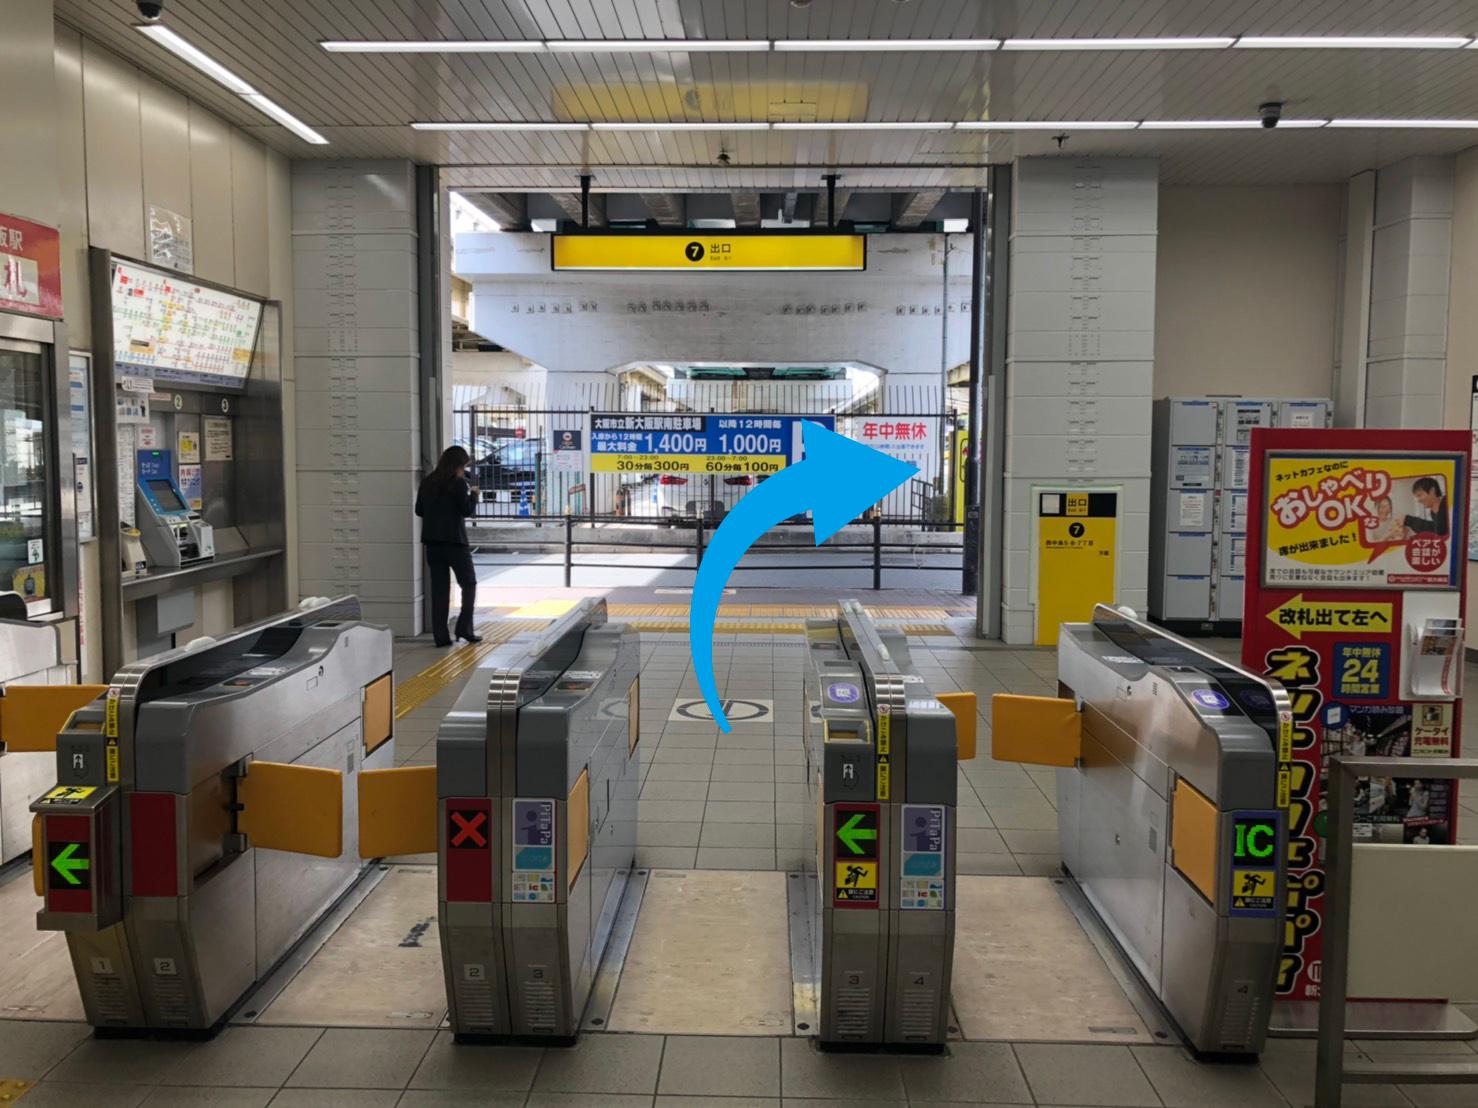 大阪メトロ新大阪駅南口改札